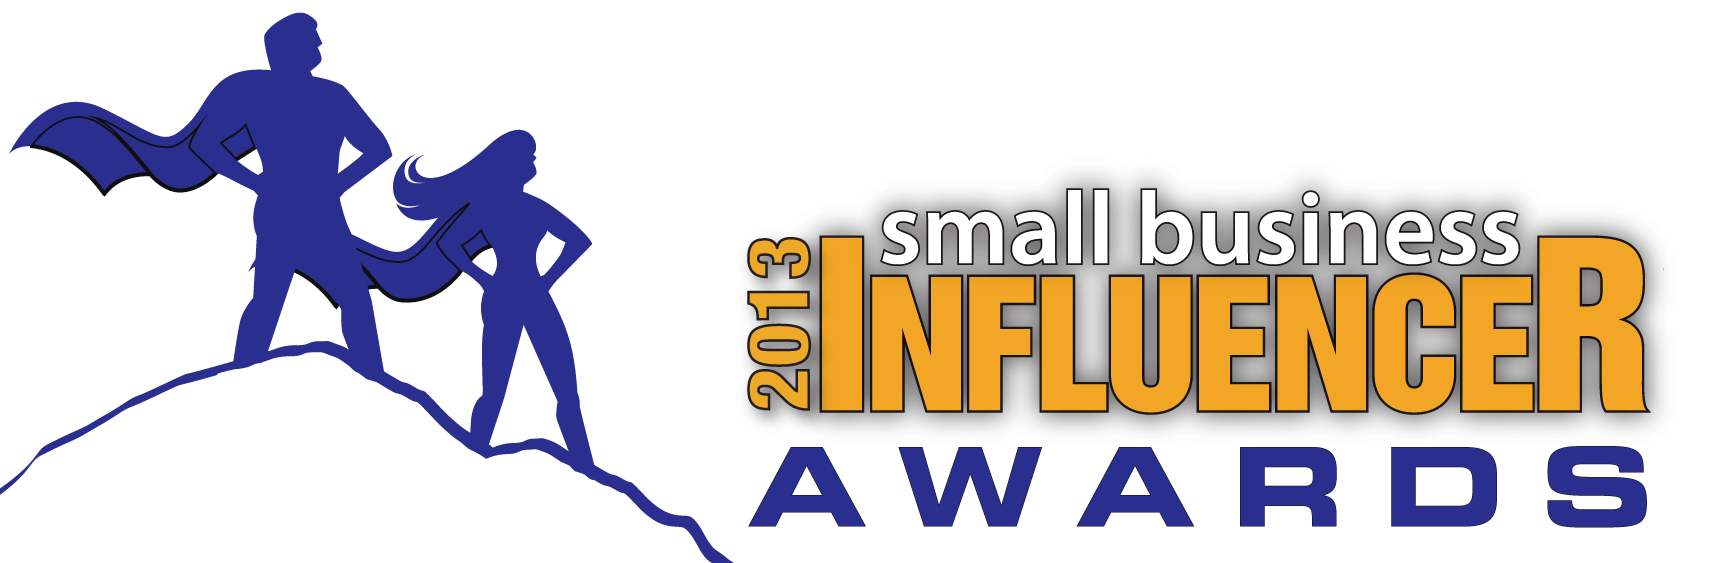 SMB-Influencer-Logo-Print-2013